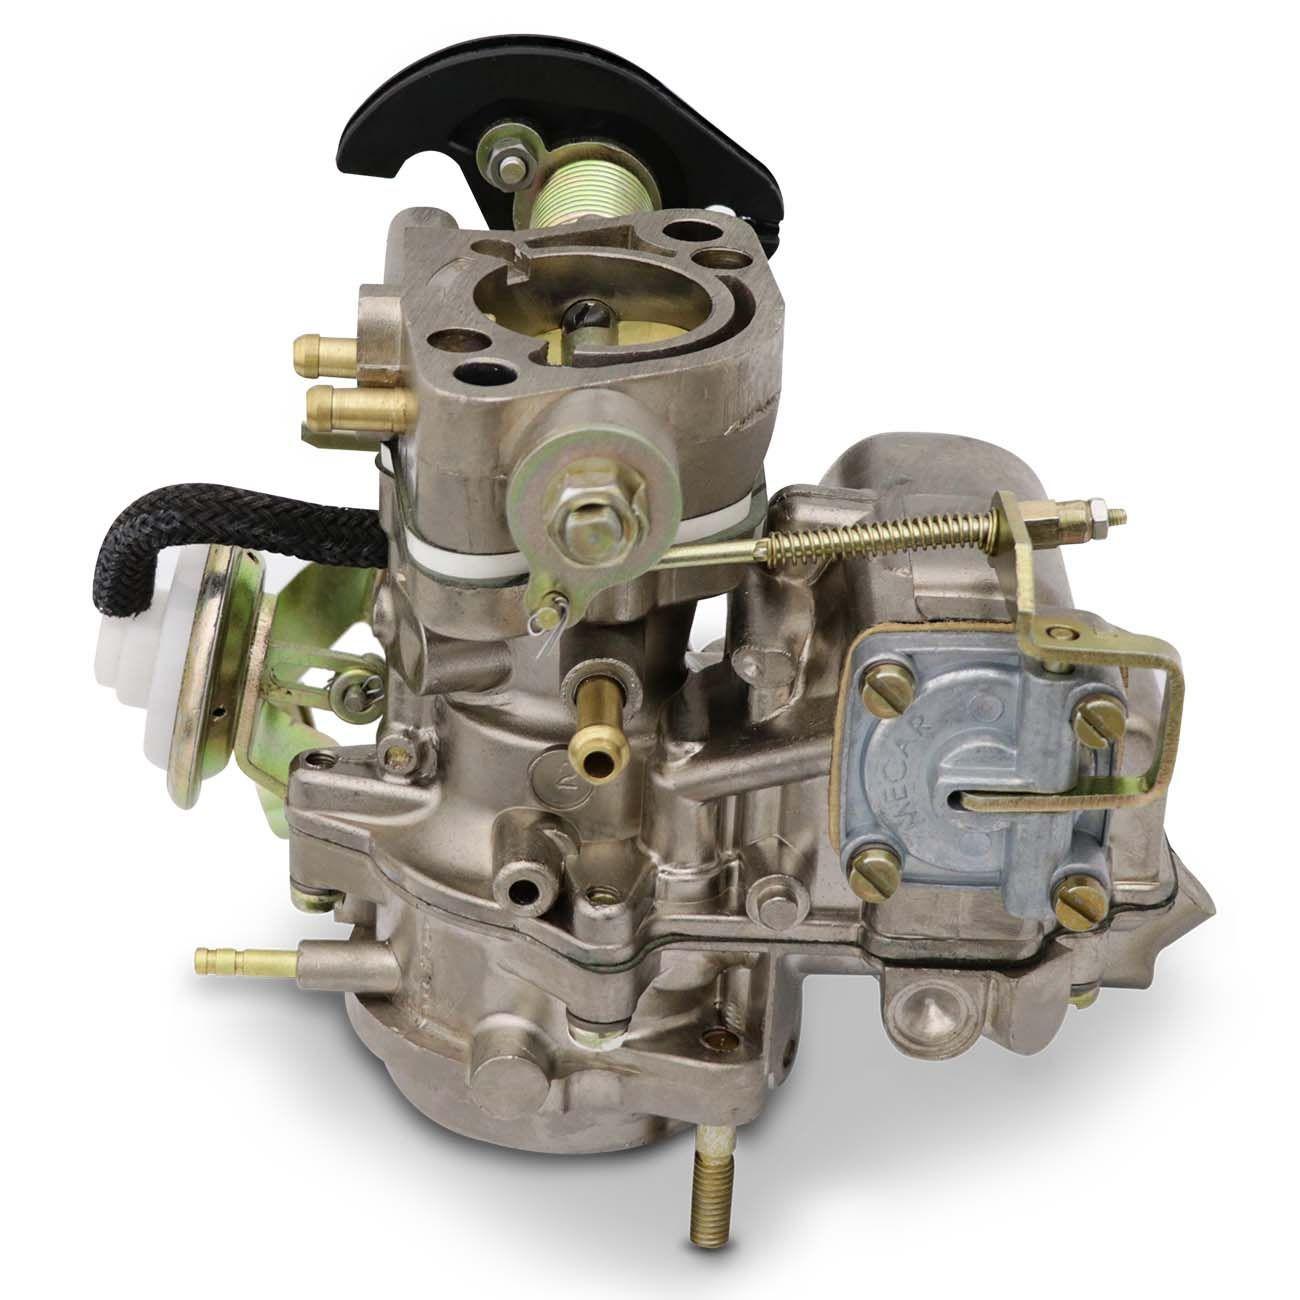 Carburador MECAR FIAT 1500 Alcool Uno-Elba-Premio-Fiorino - CN14077